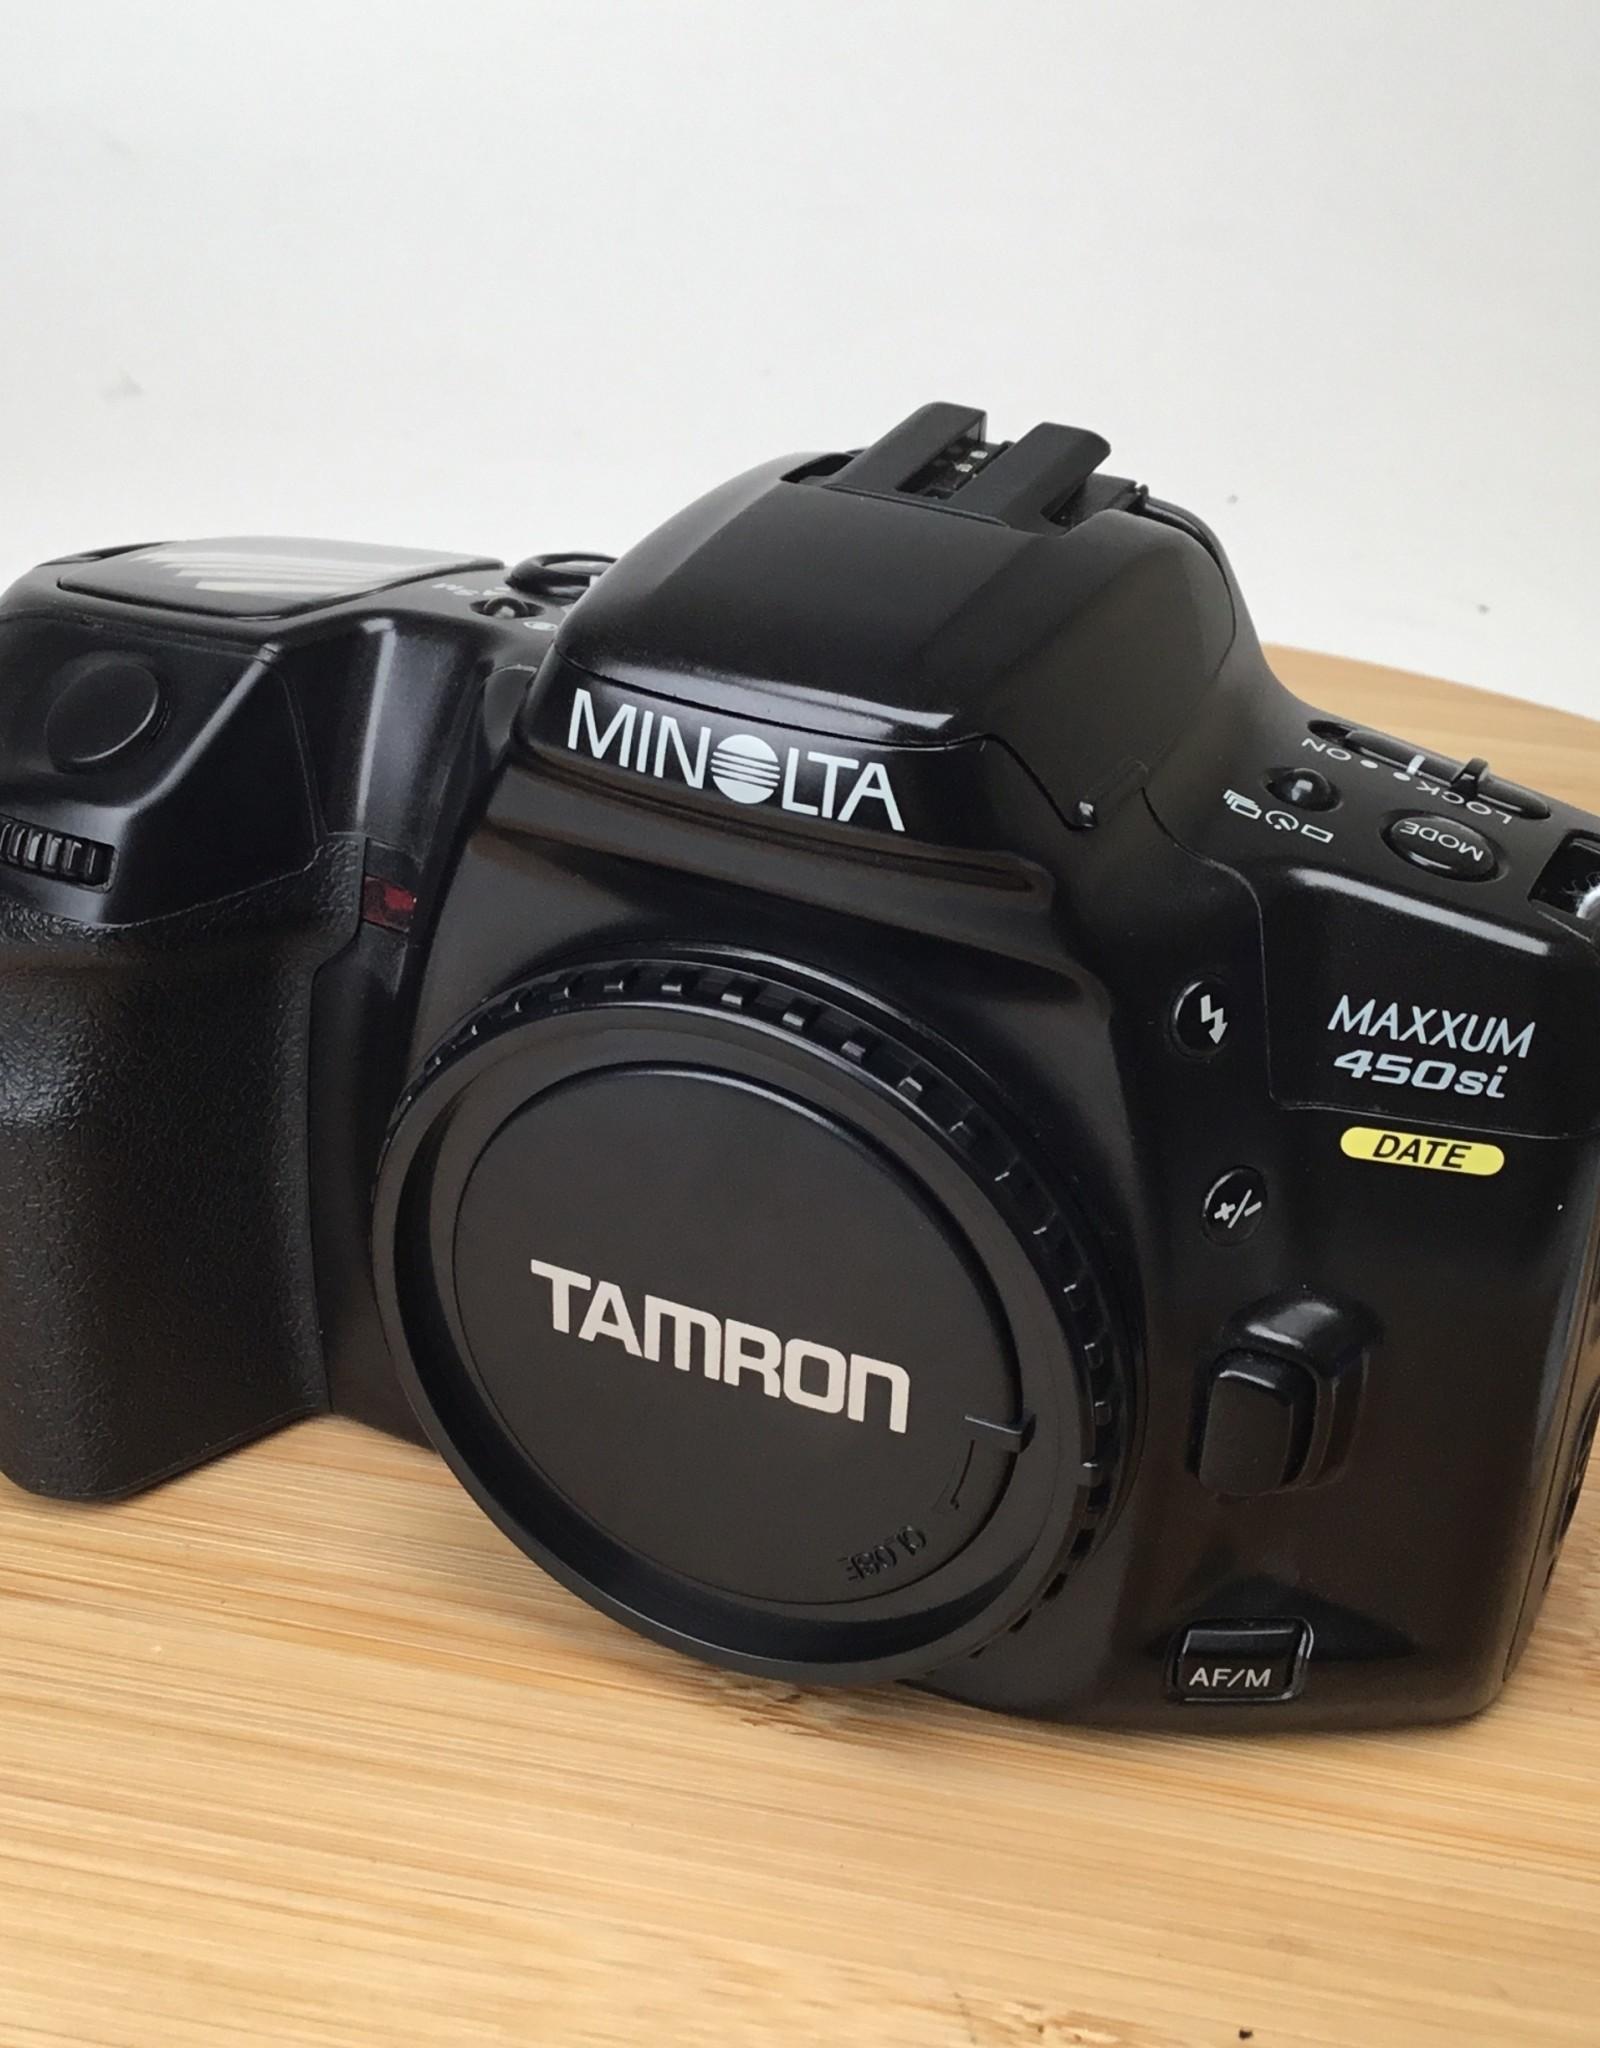 Minolta Minolta Maxxum 450si 35mm Film Camera Used EX